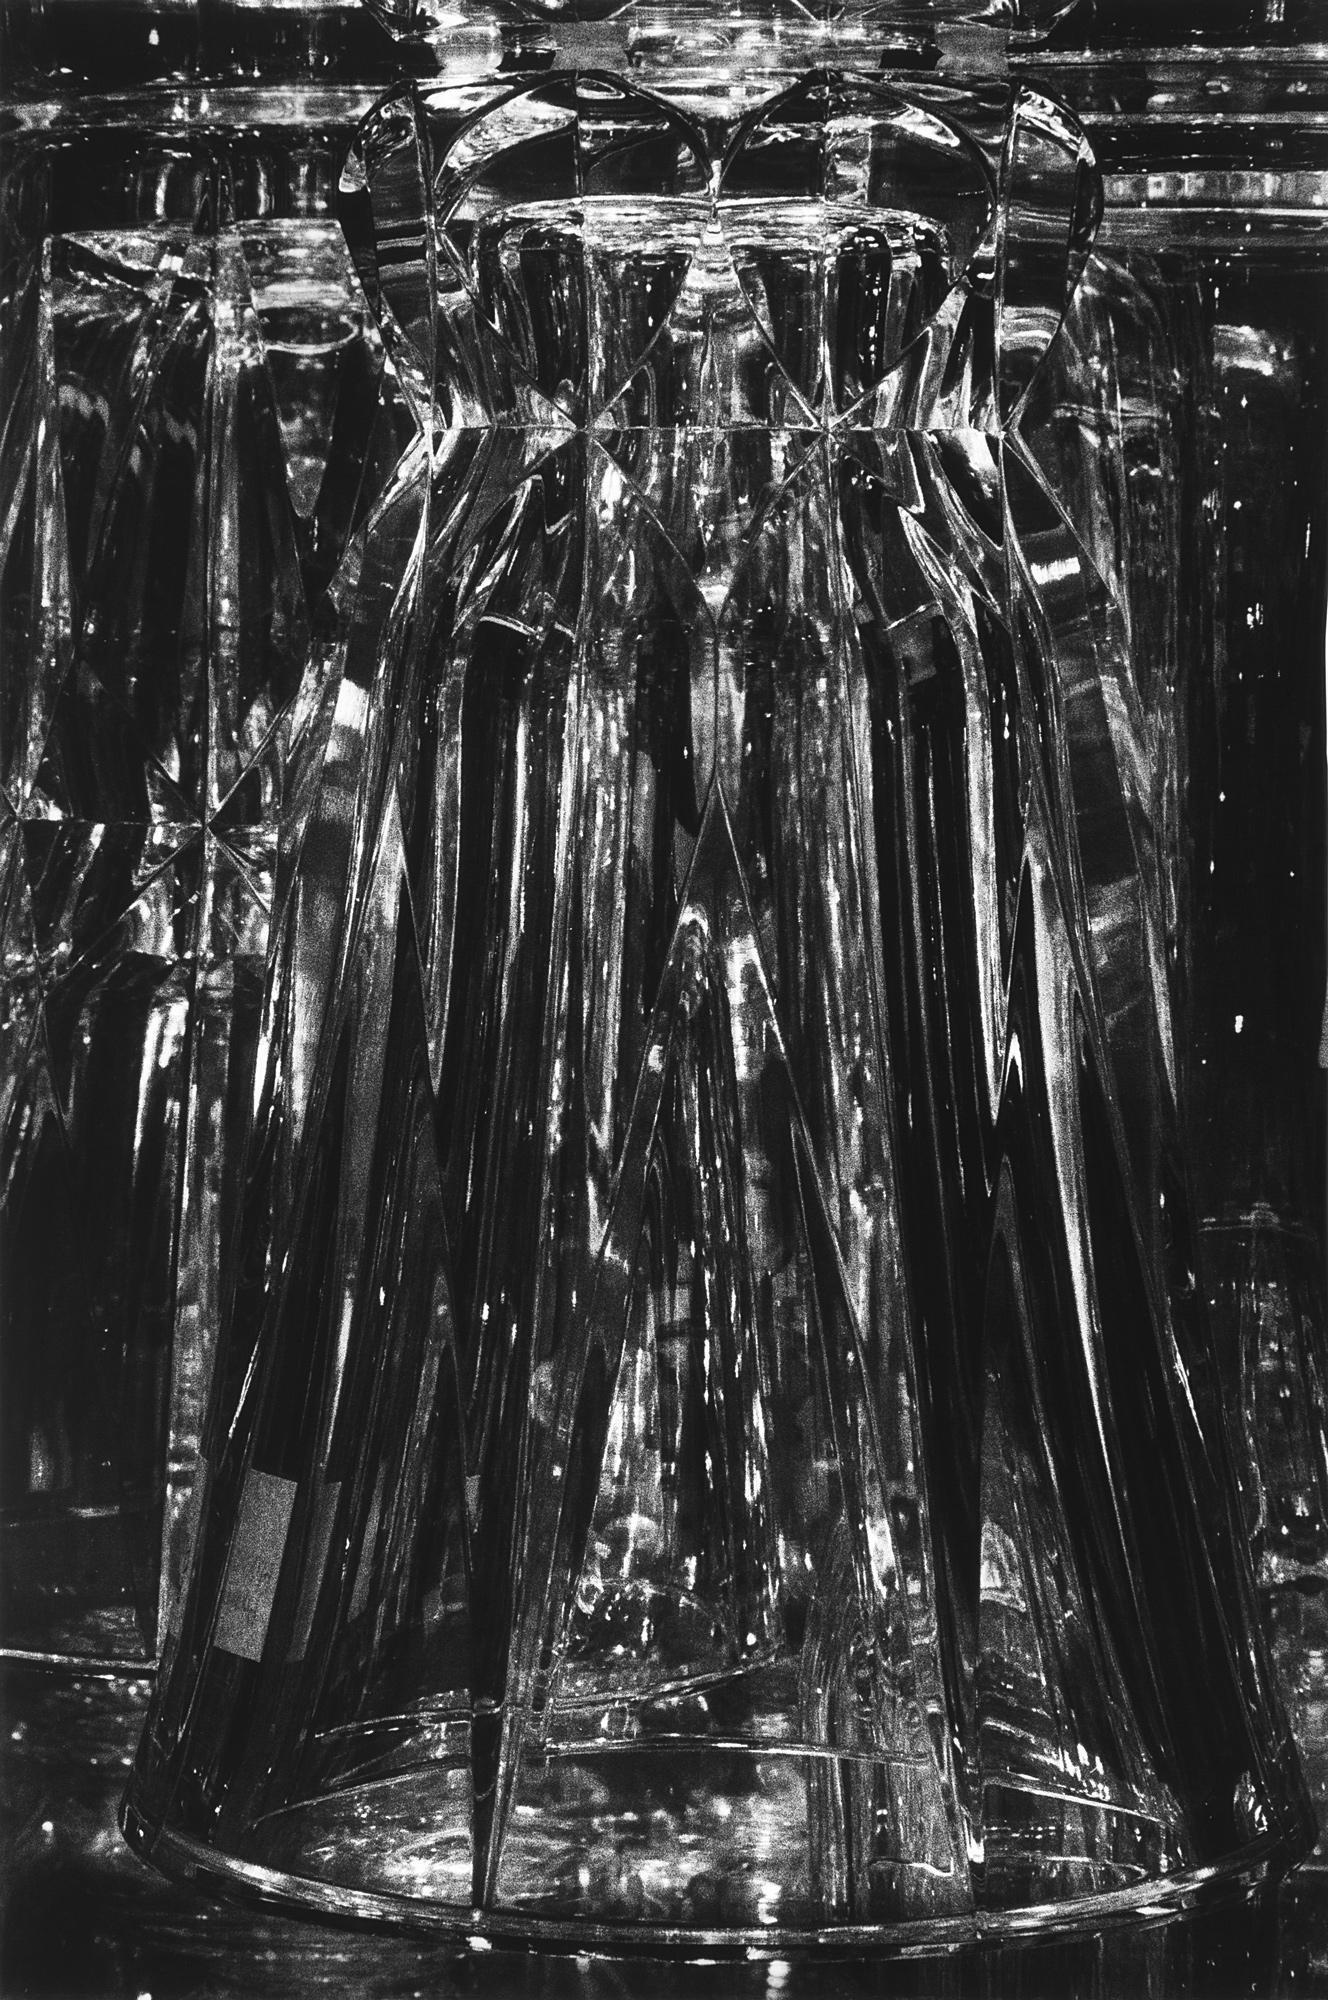 Senza titolo, dalla serie 'Glass', 1993